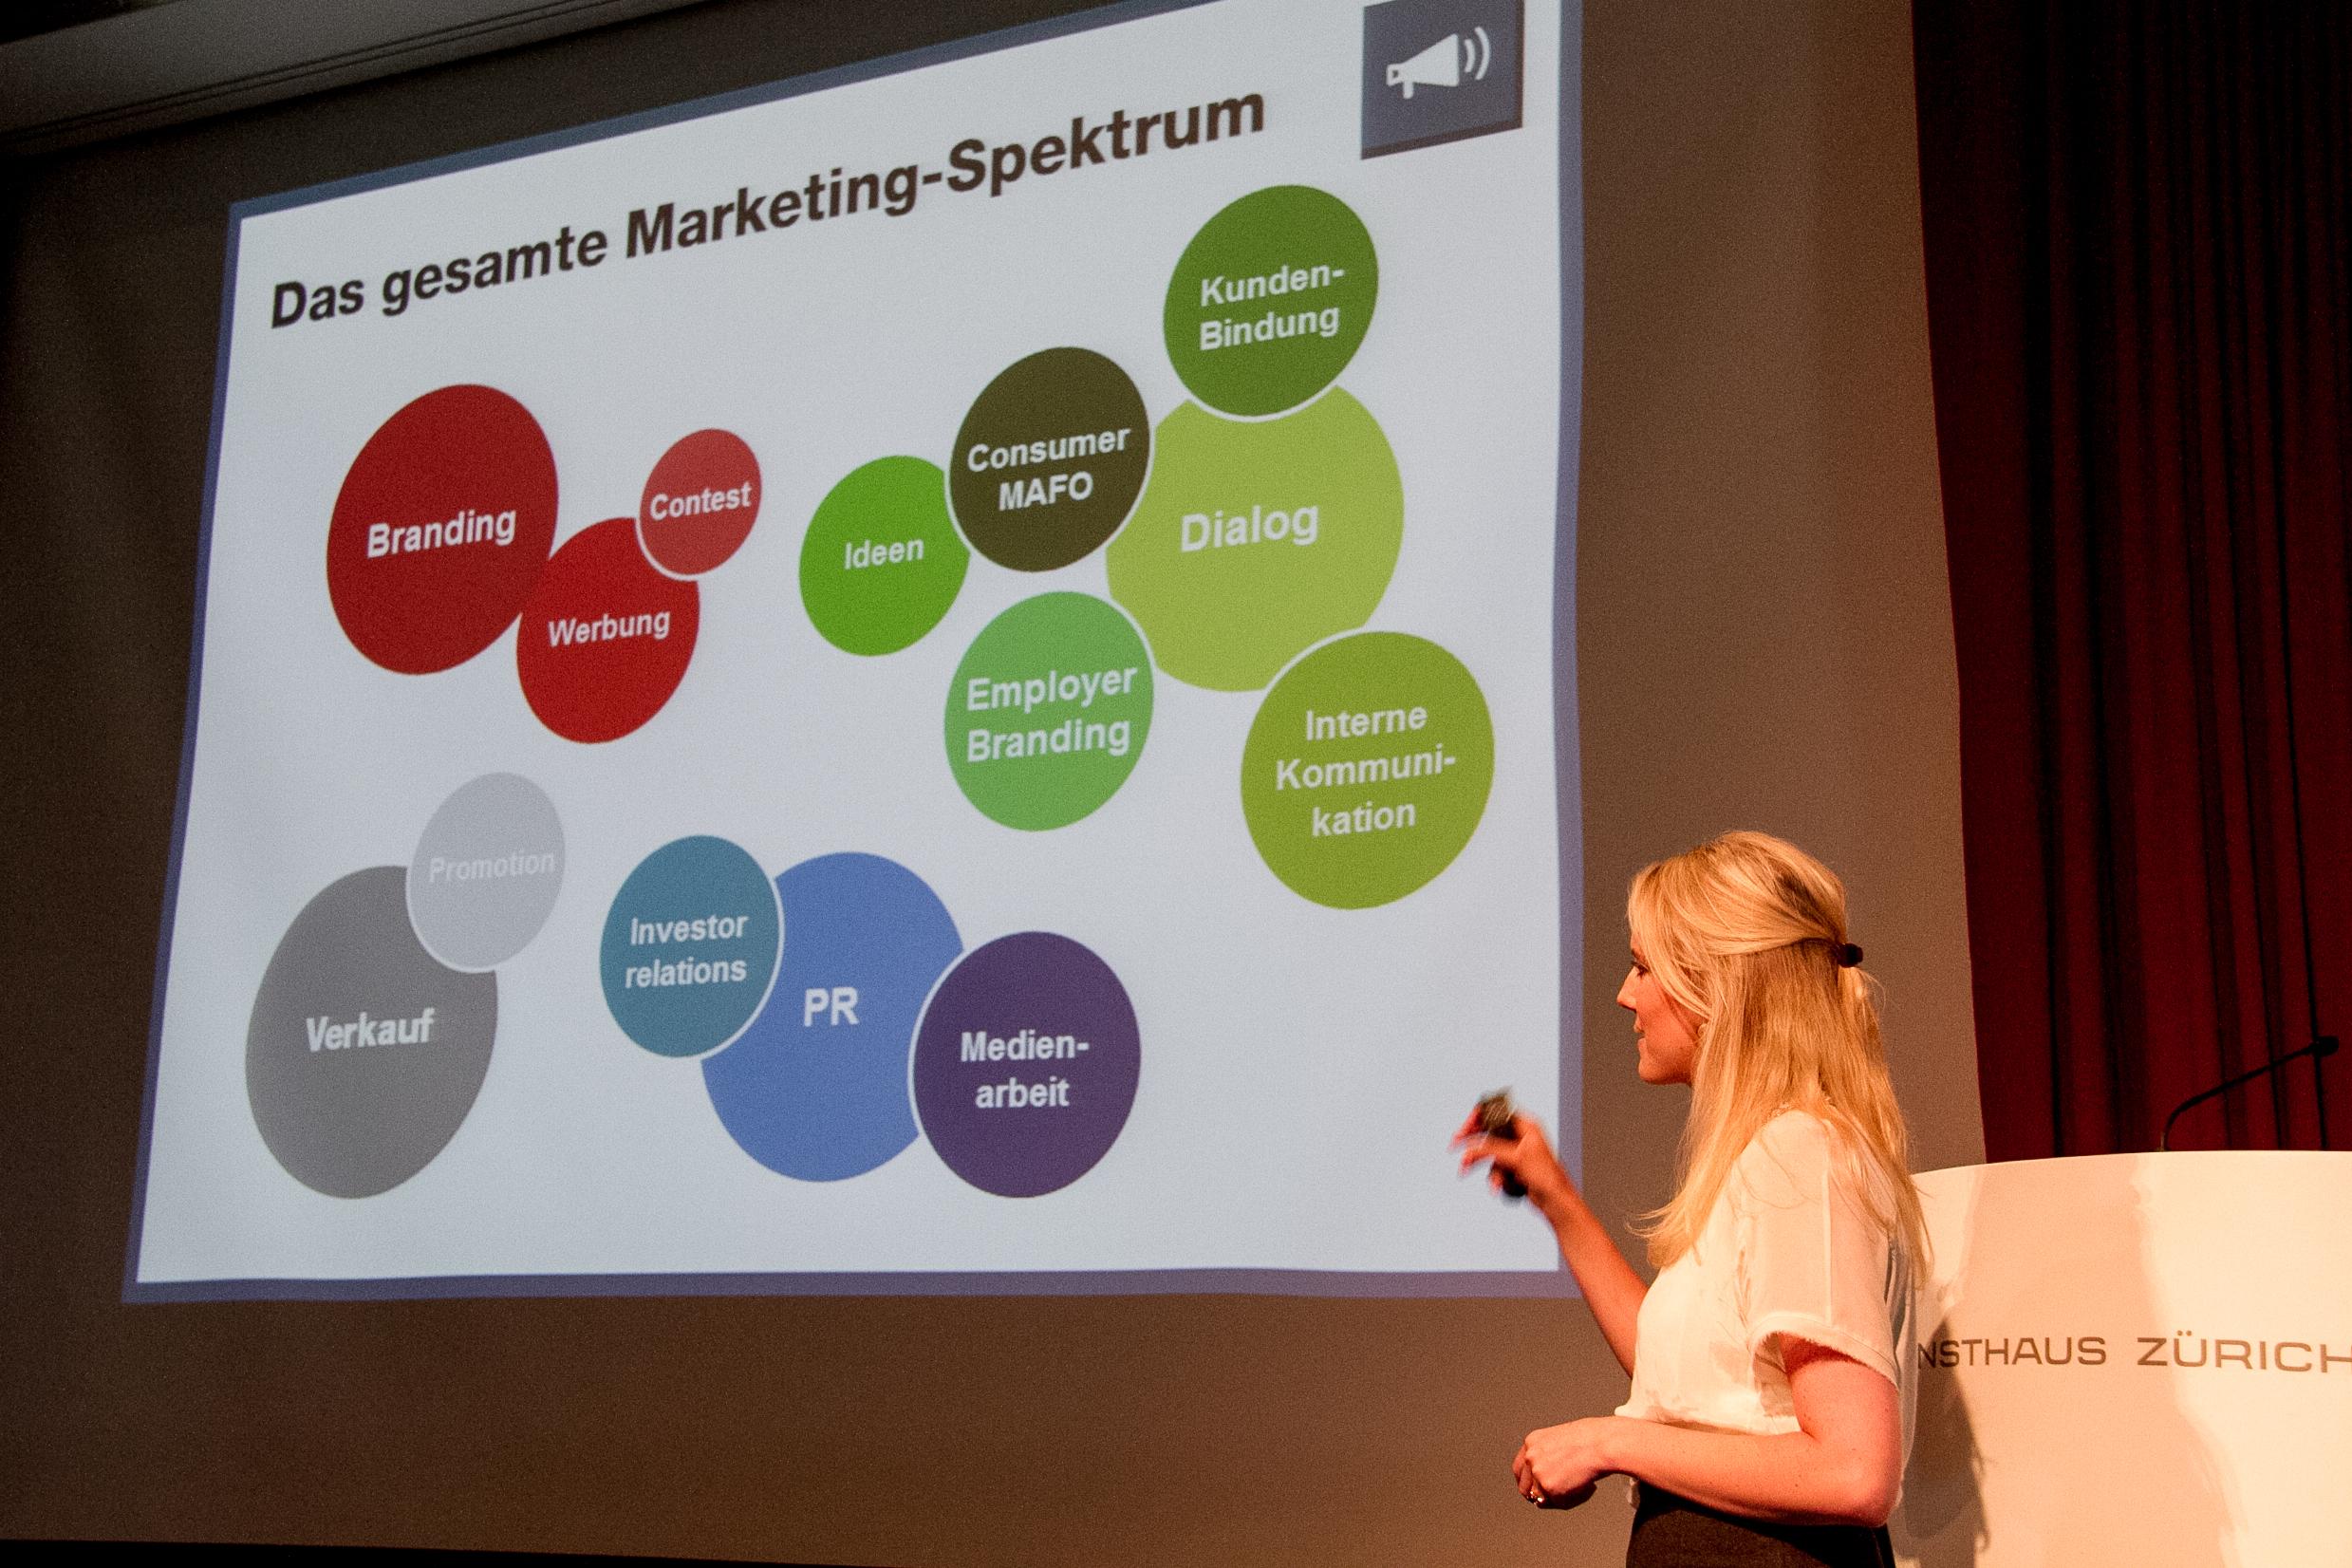 Marketing-Spektrum von Social Media